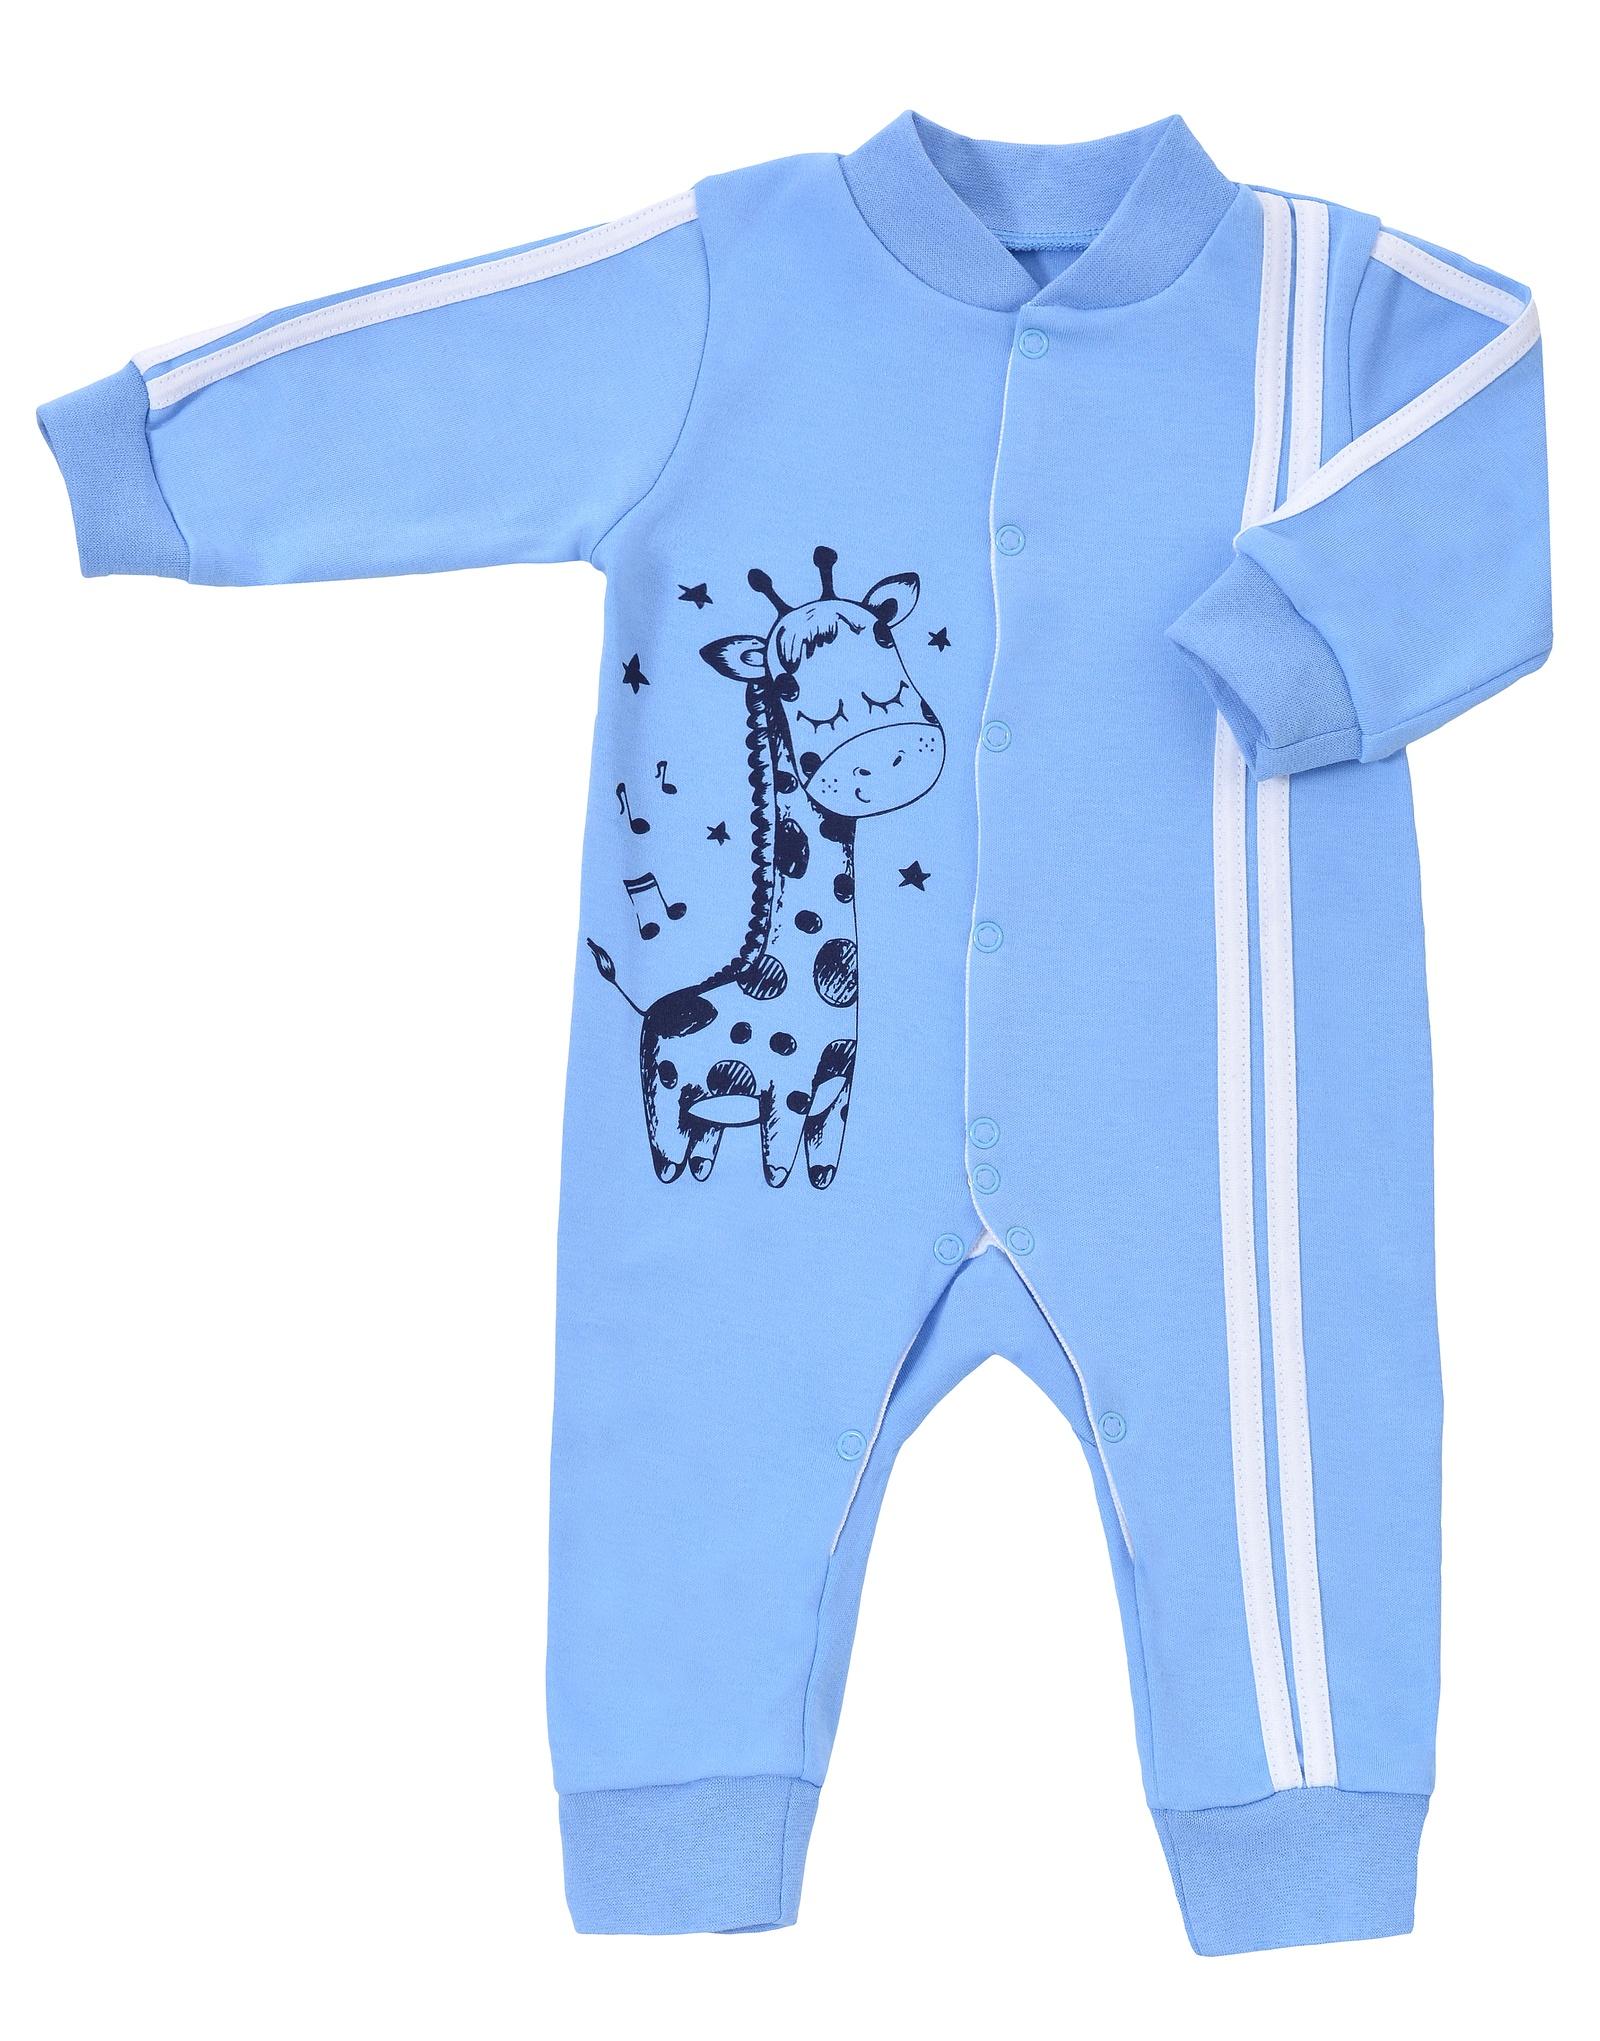 Комбинезон Детская одежда одежда для новорожденных девочек фото